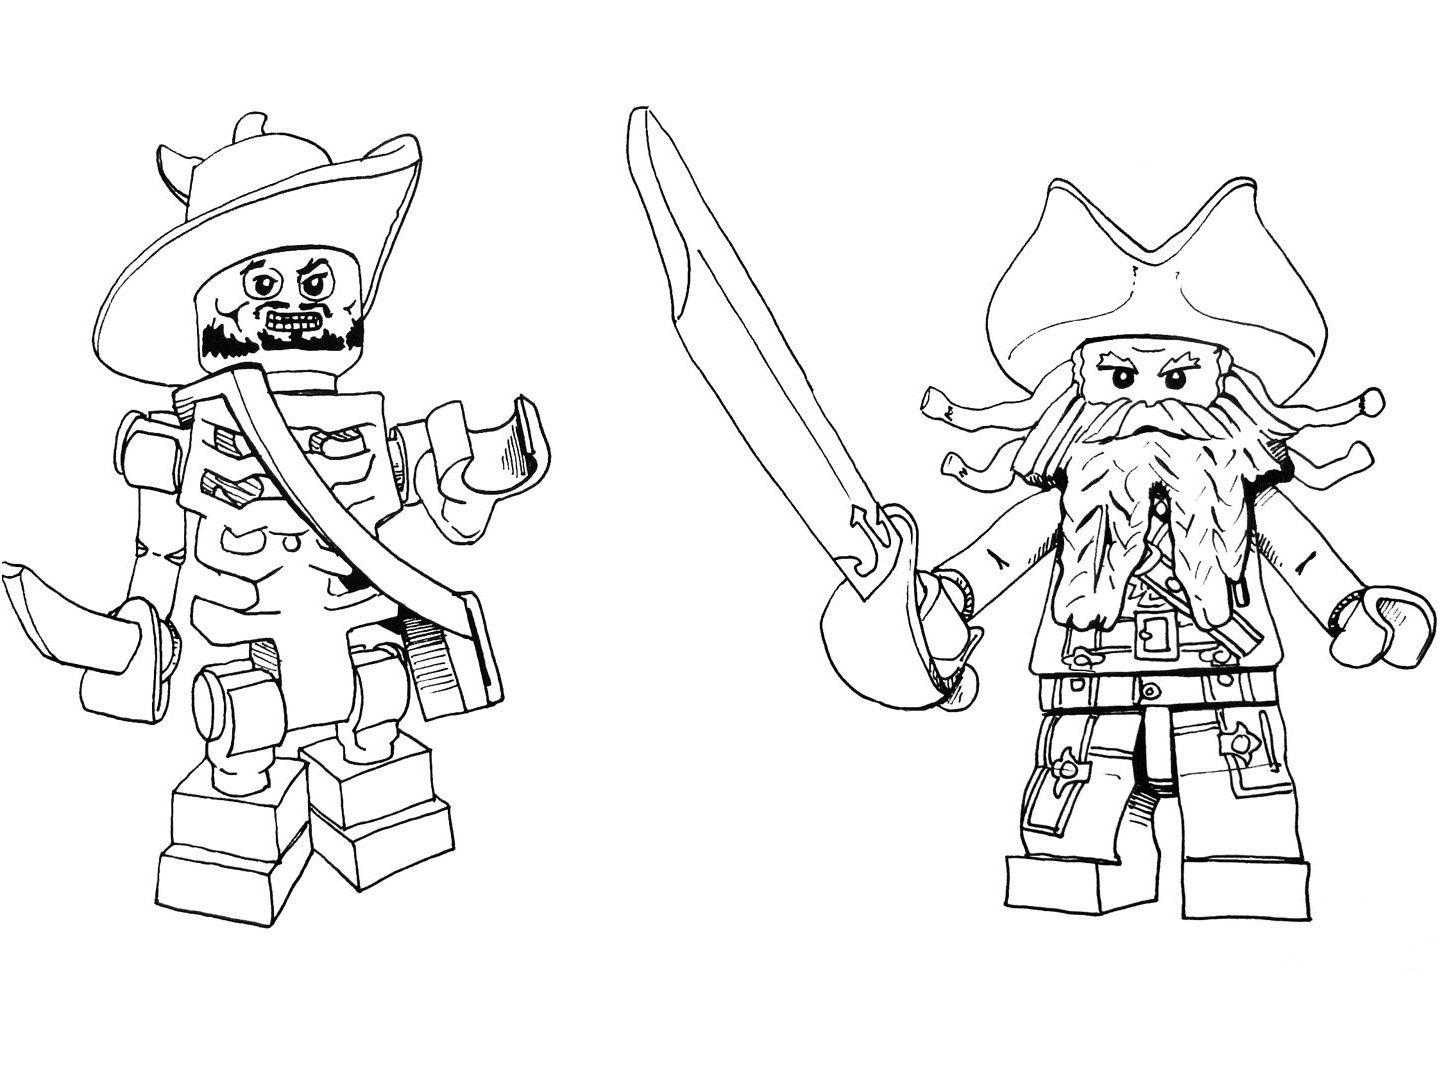 10 Prestigieux Coloriage Pirates Des Caraibes Image Lego Coloring Pages Pirate Coloring Pages Mermaid Coloring Pages